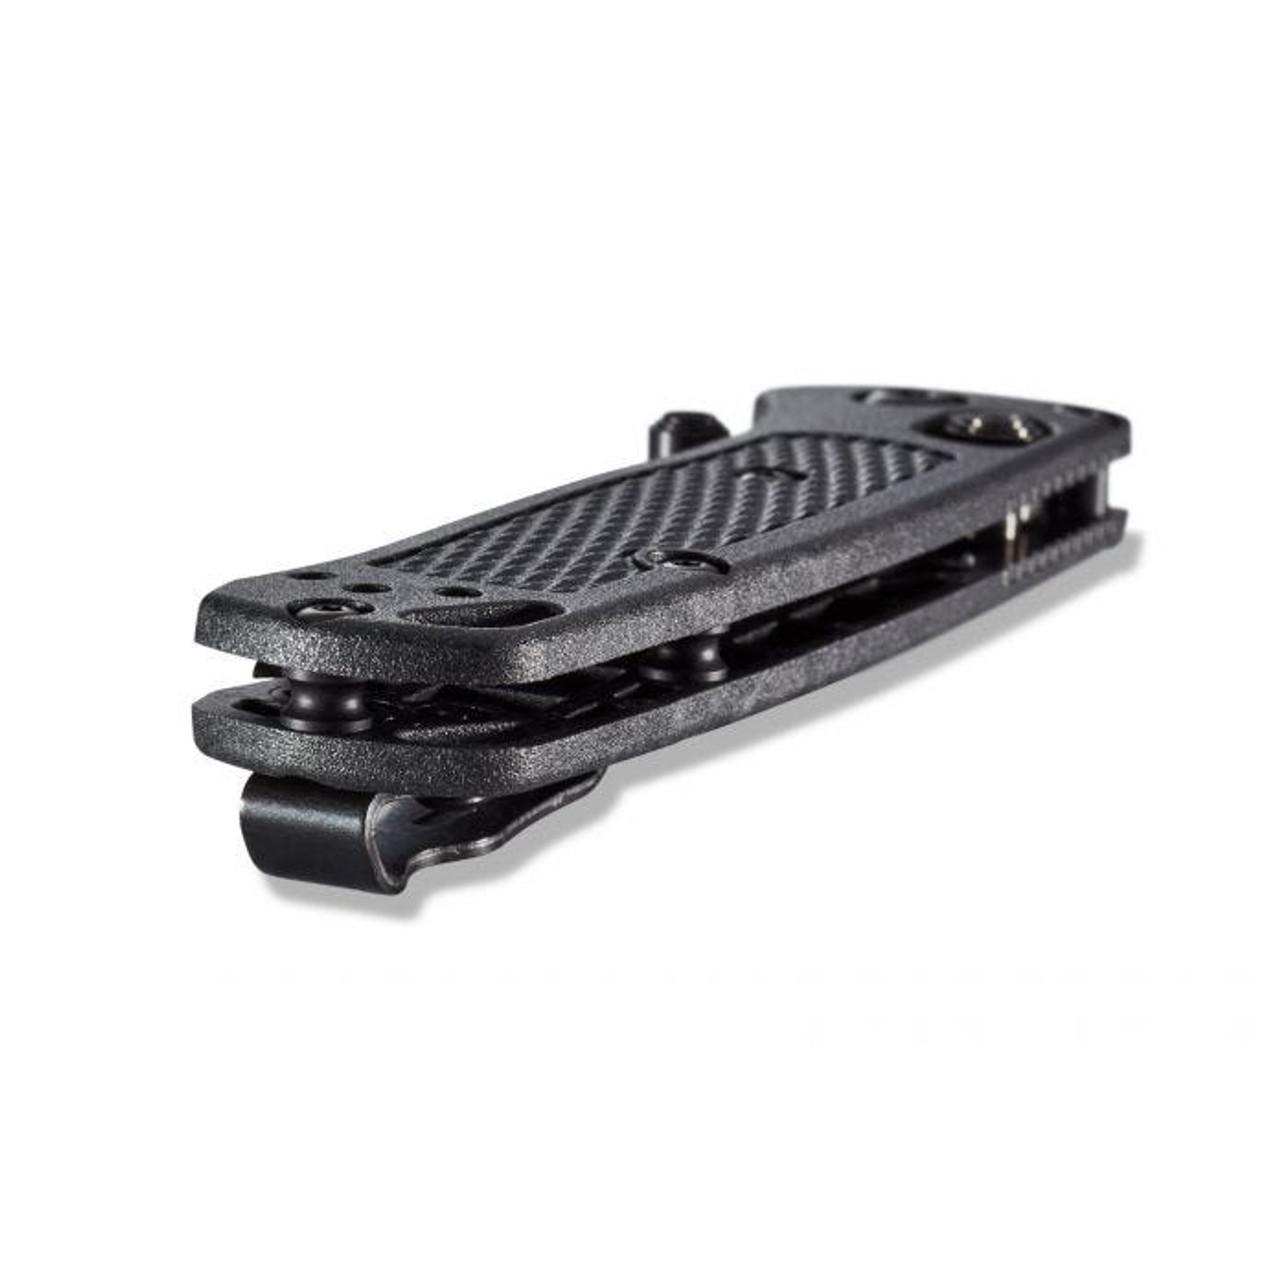 Benchmade 533BK-2 Mini-Bugout Black/Black S30V